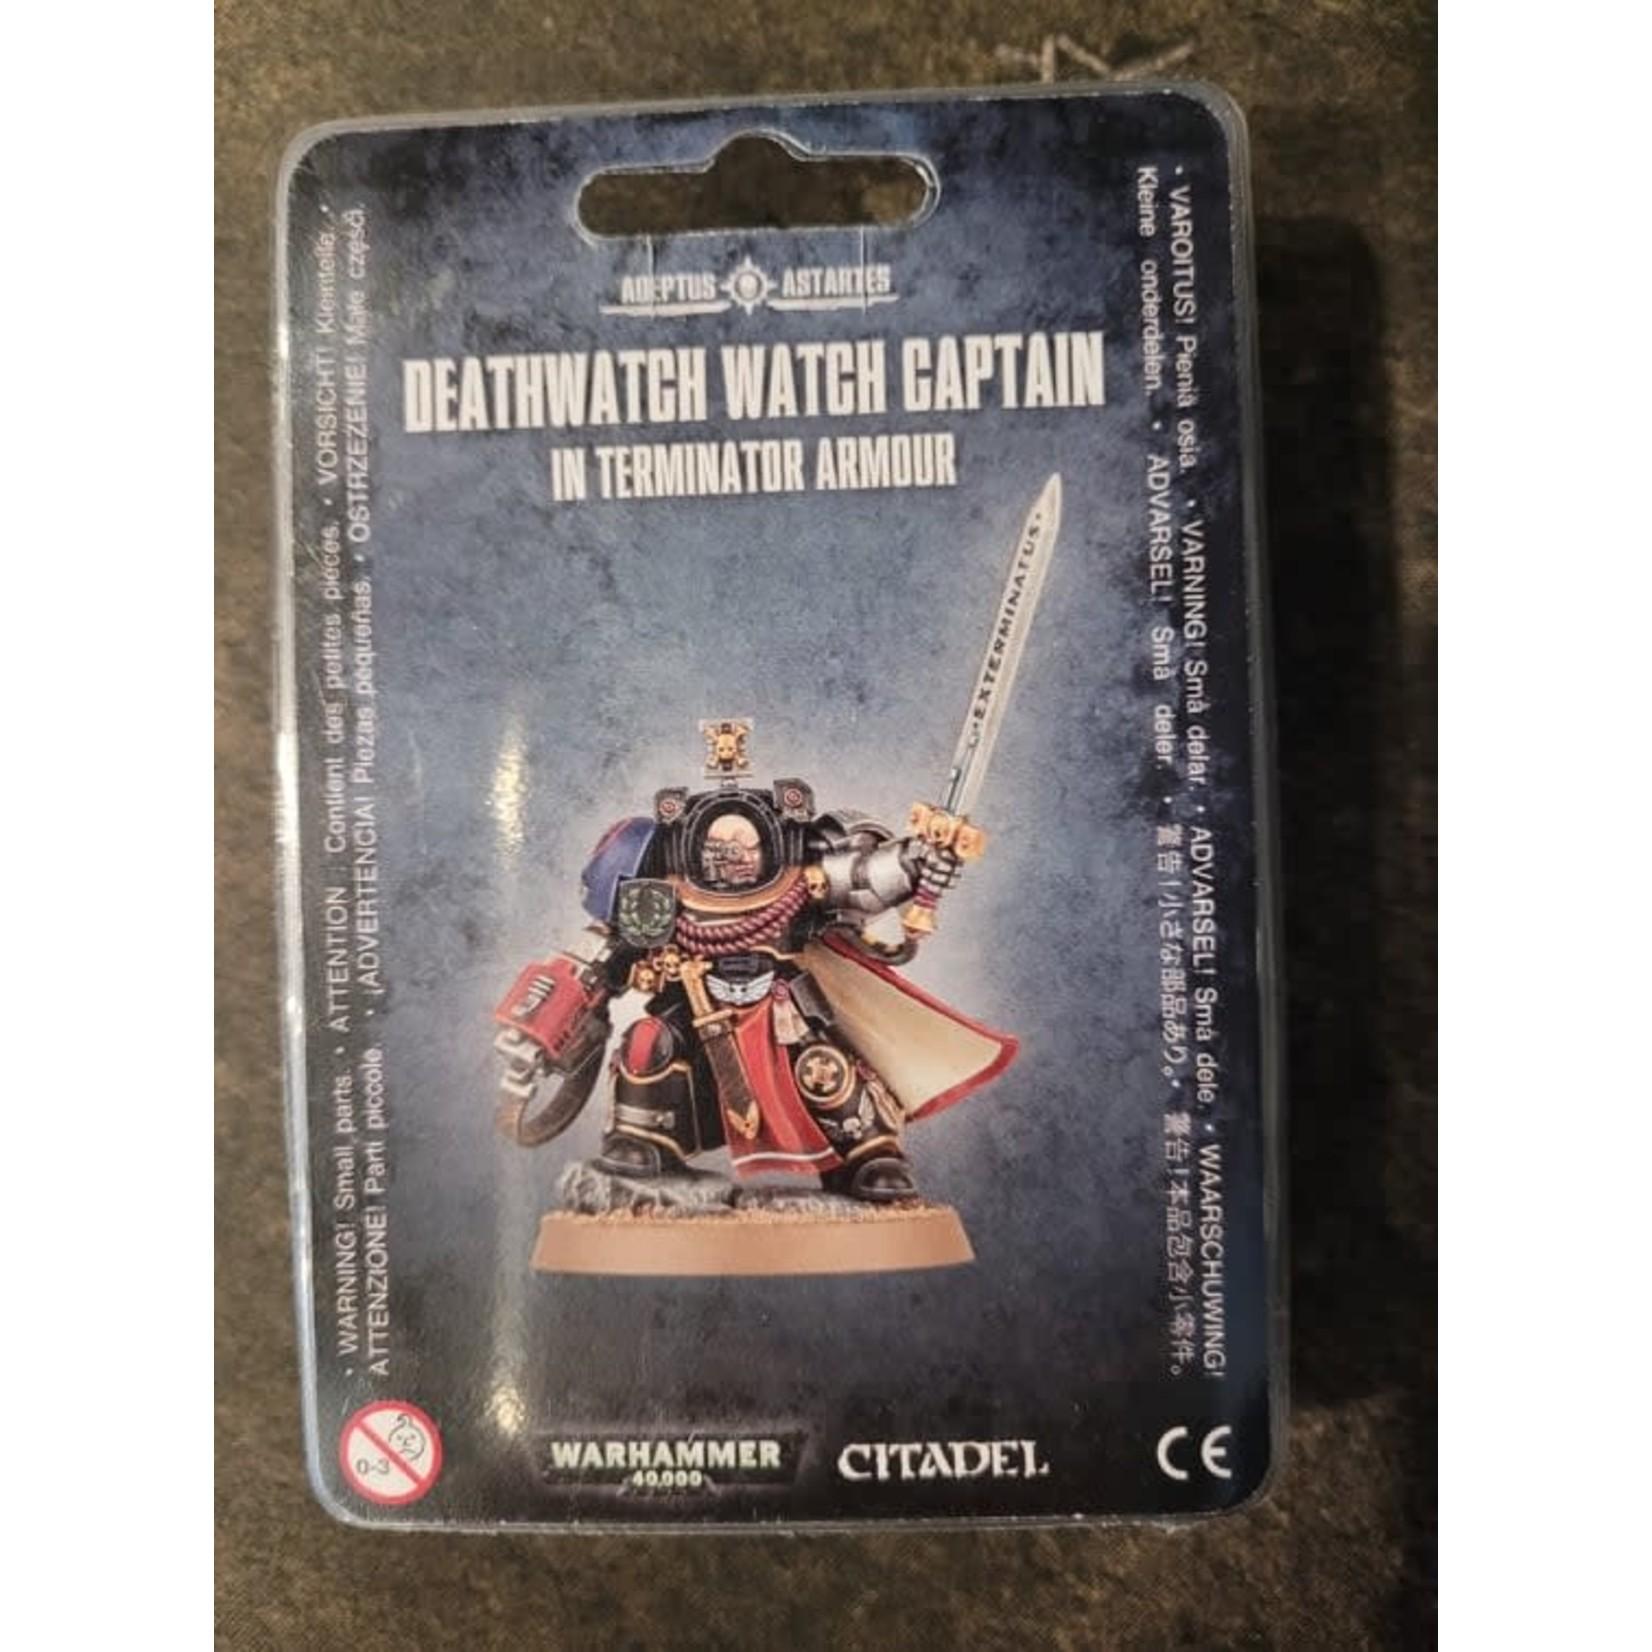 Warhammer 40K Deathwatch watch captain in terminator armour